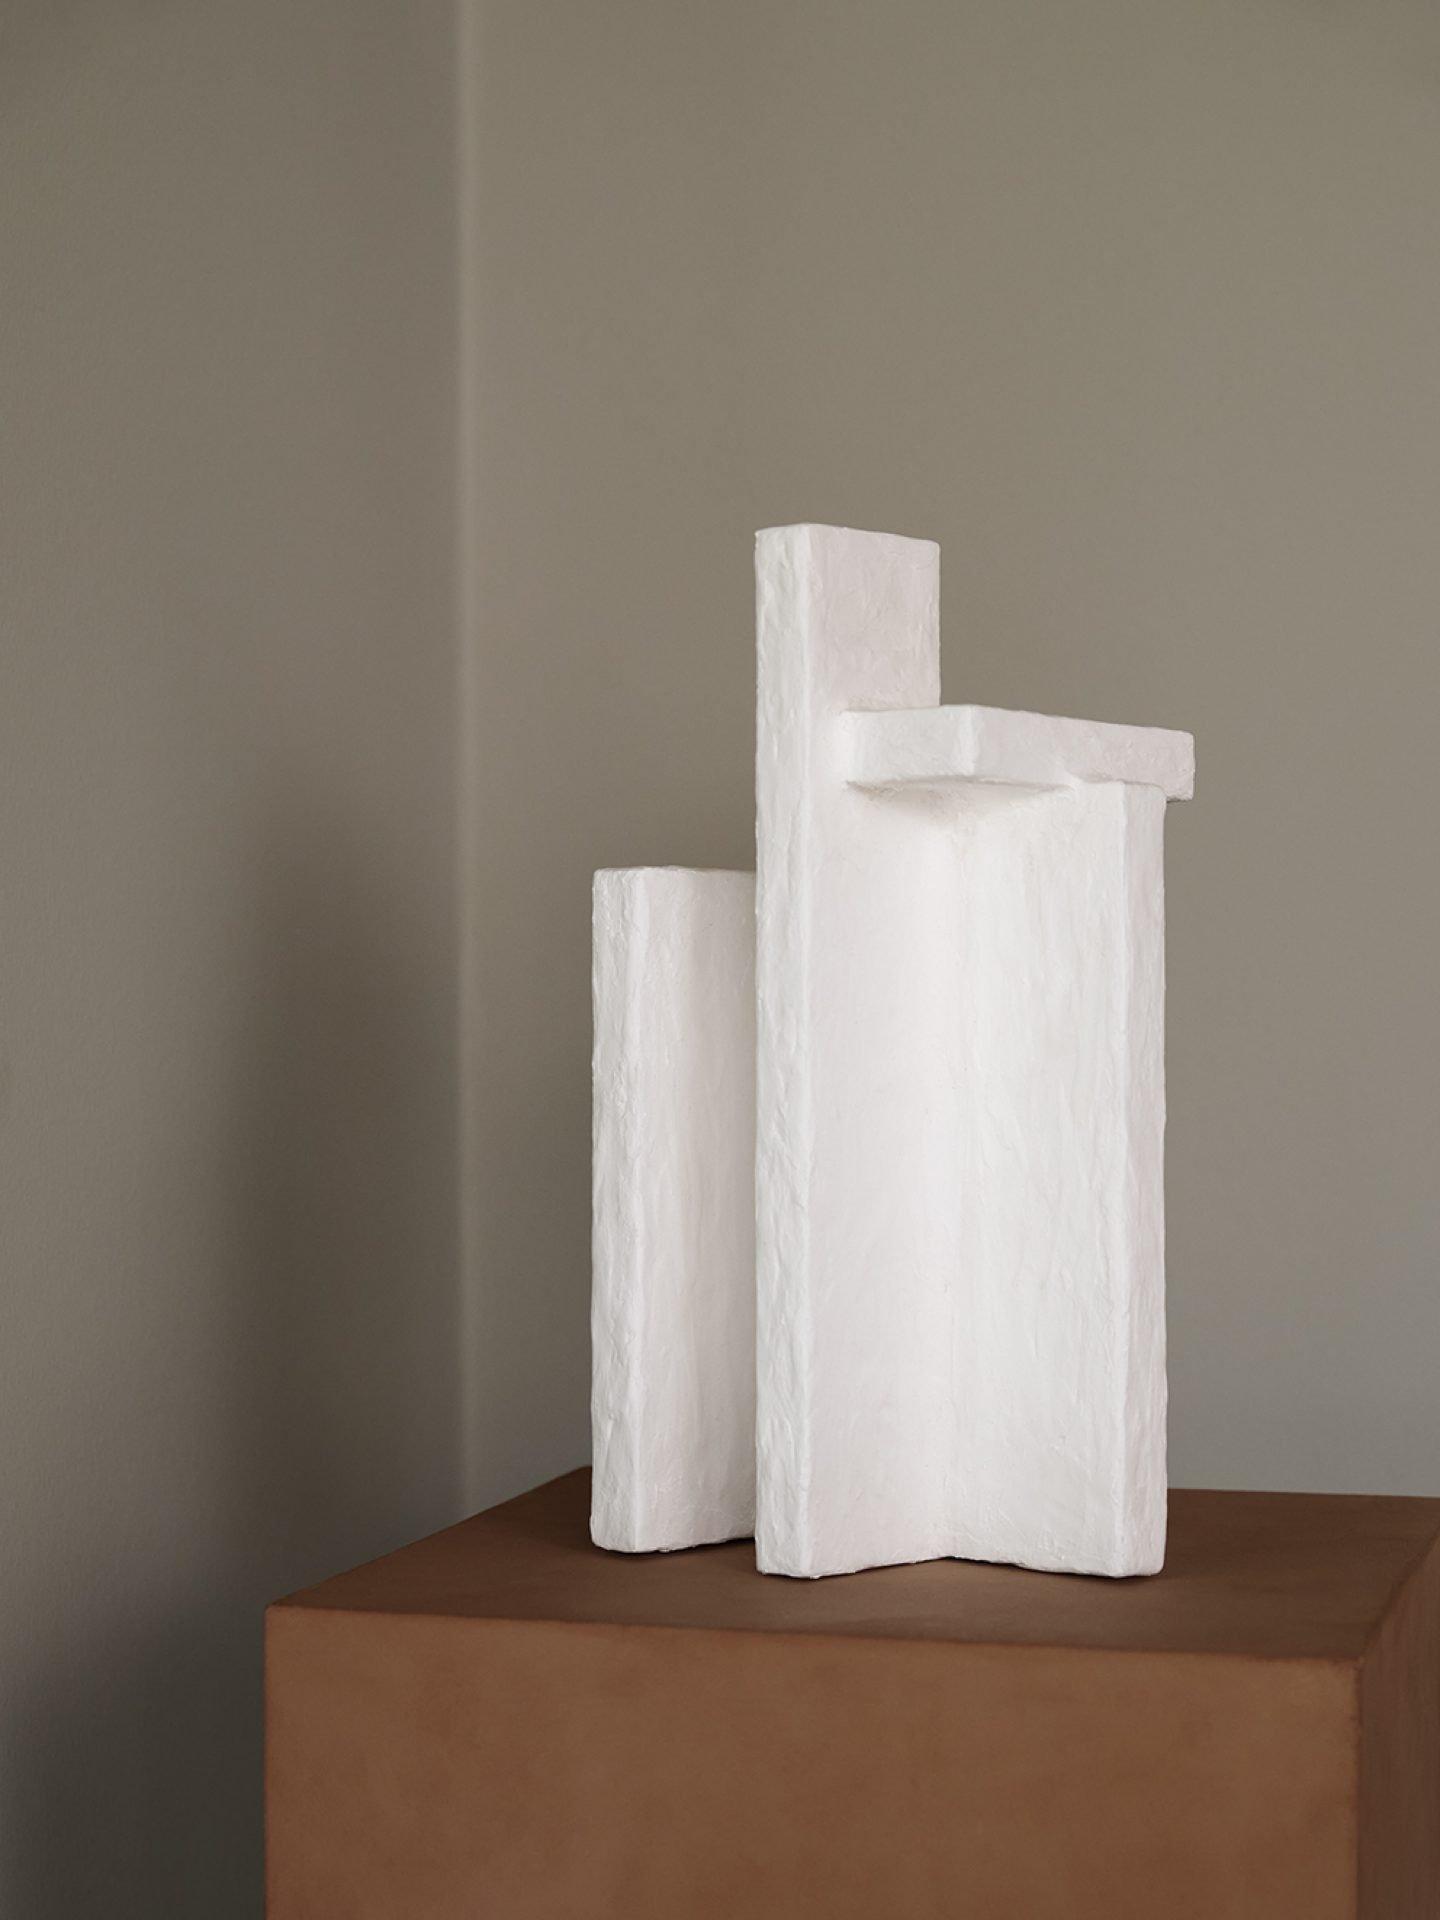 IGNANT-ART-Sculpture-Alium-23